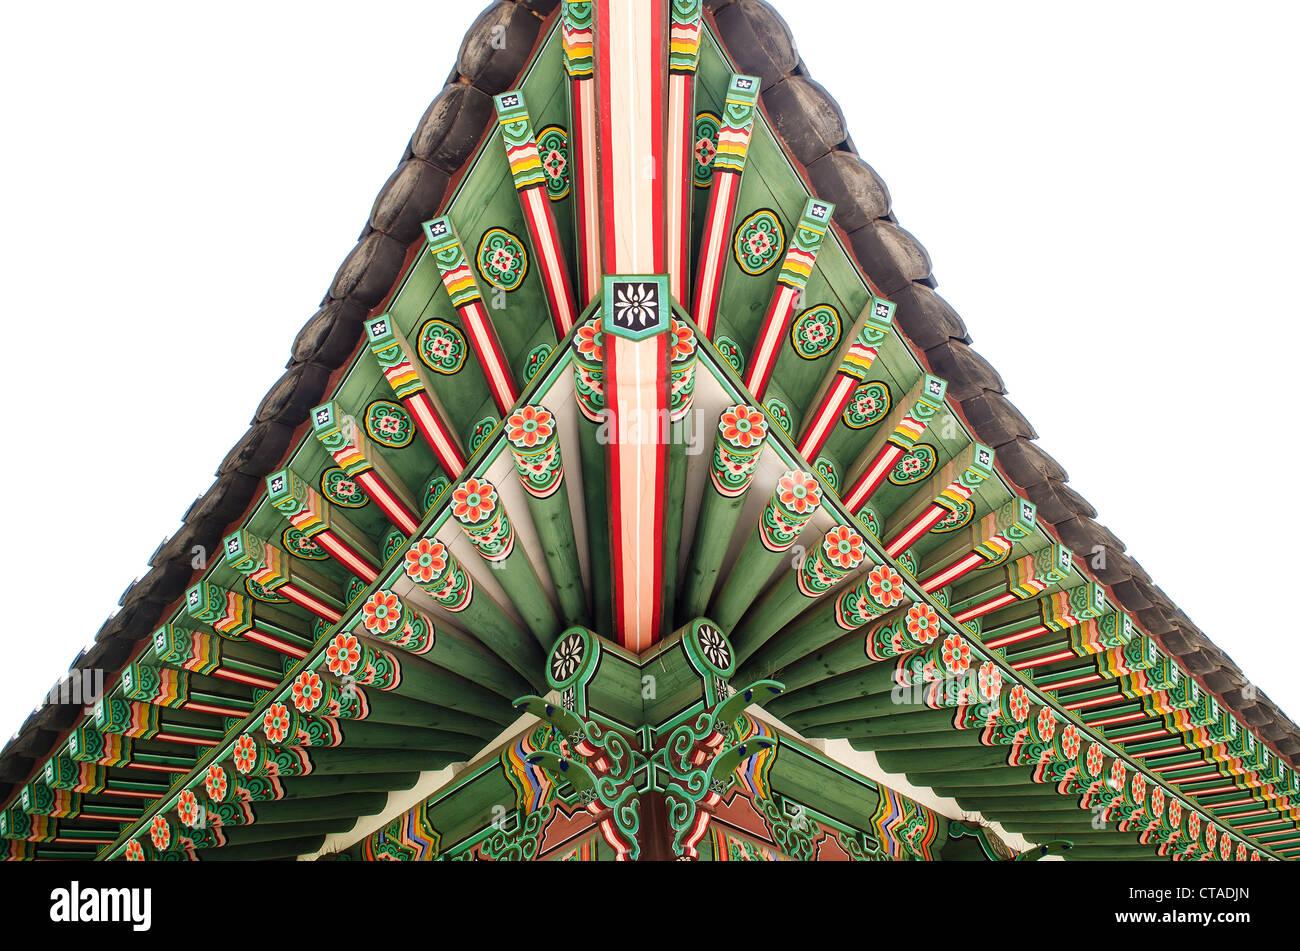 Détail de bois peint palace seoul Corée du Sud Photo Stock